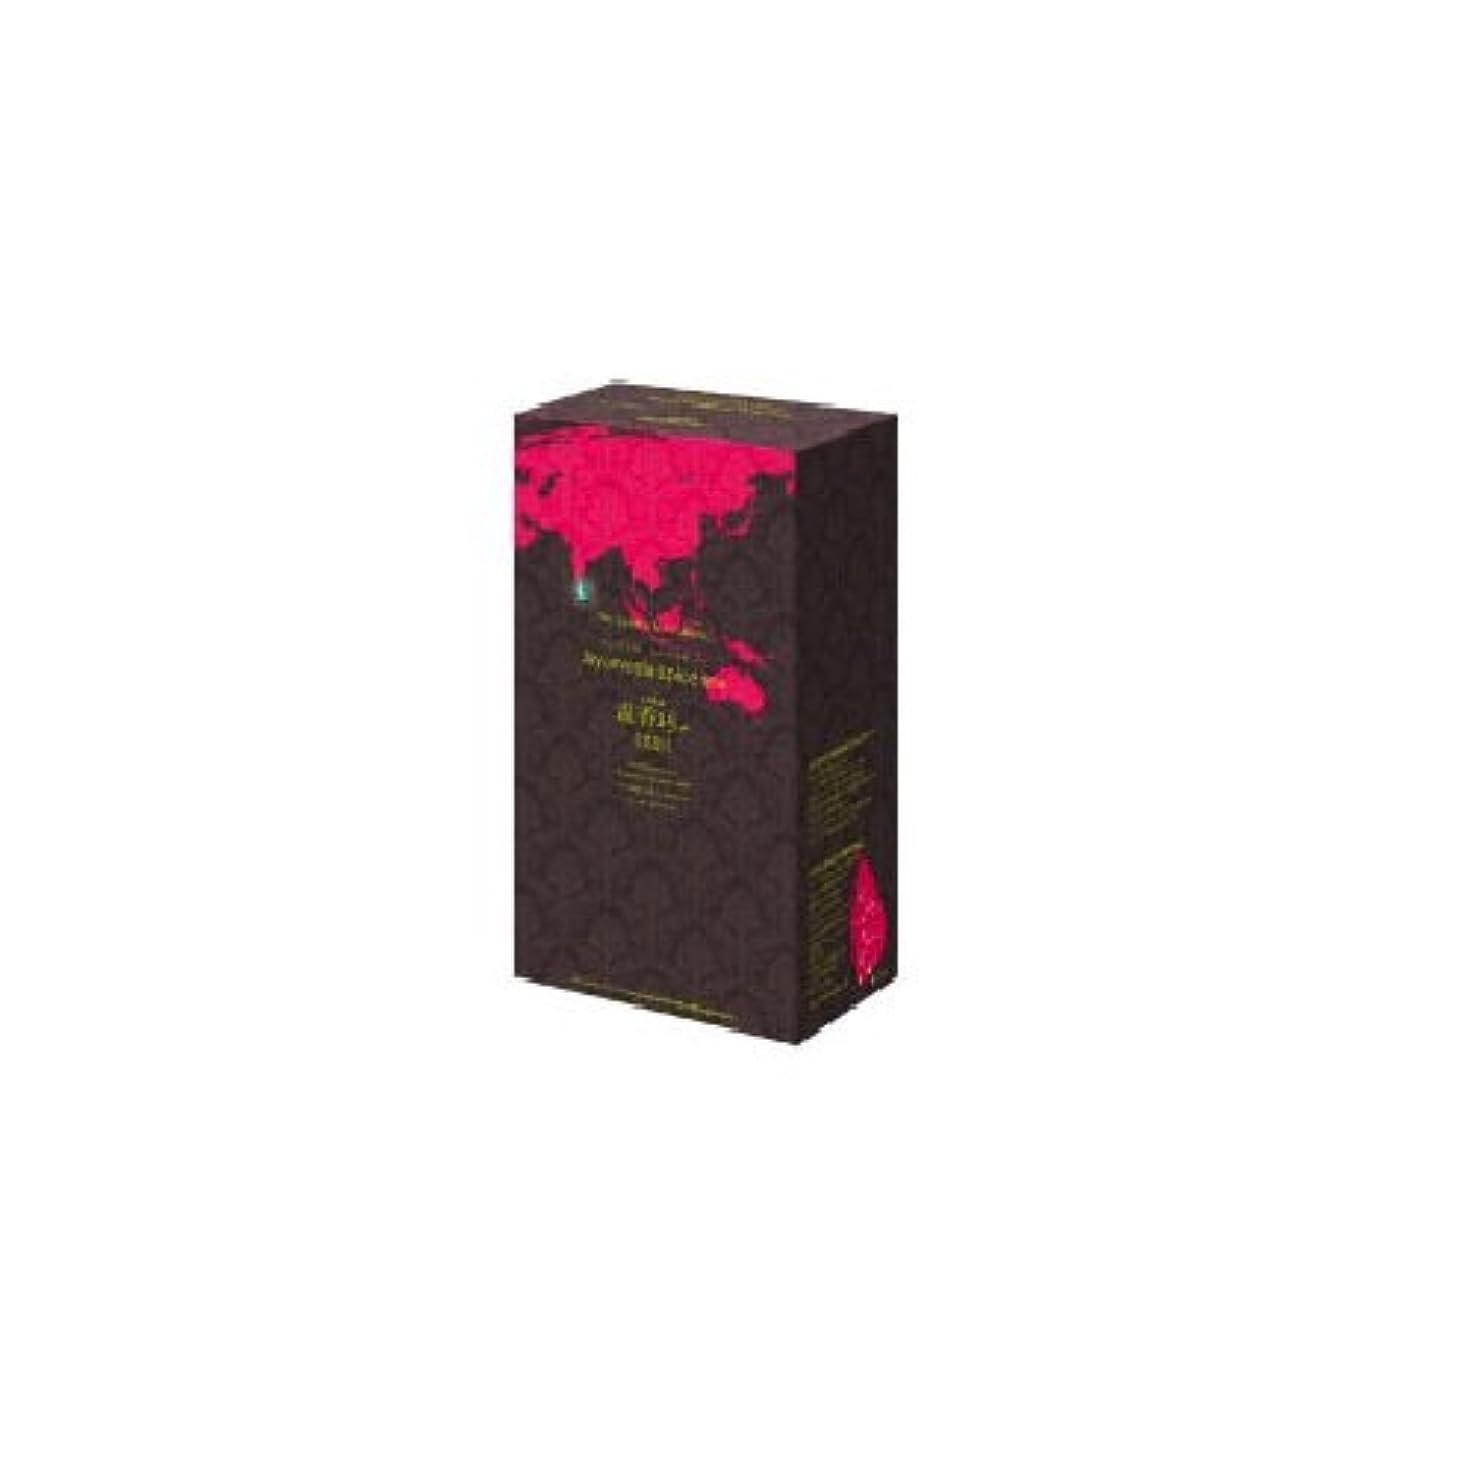 さわやか生き残りバッチランカジャパン 業務用 温香15 (スパイスティー) <40包入り>